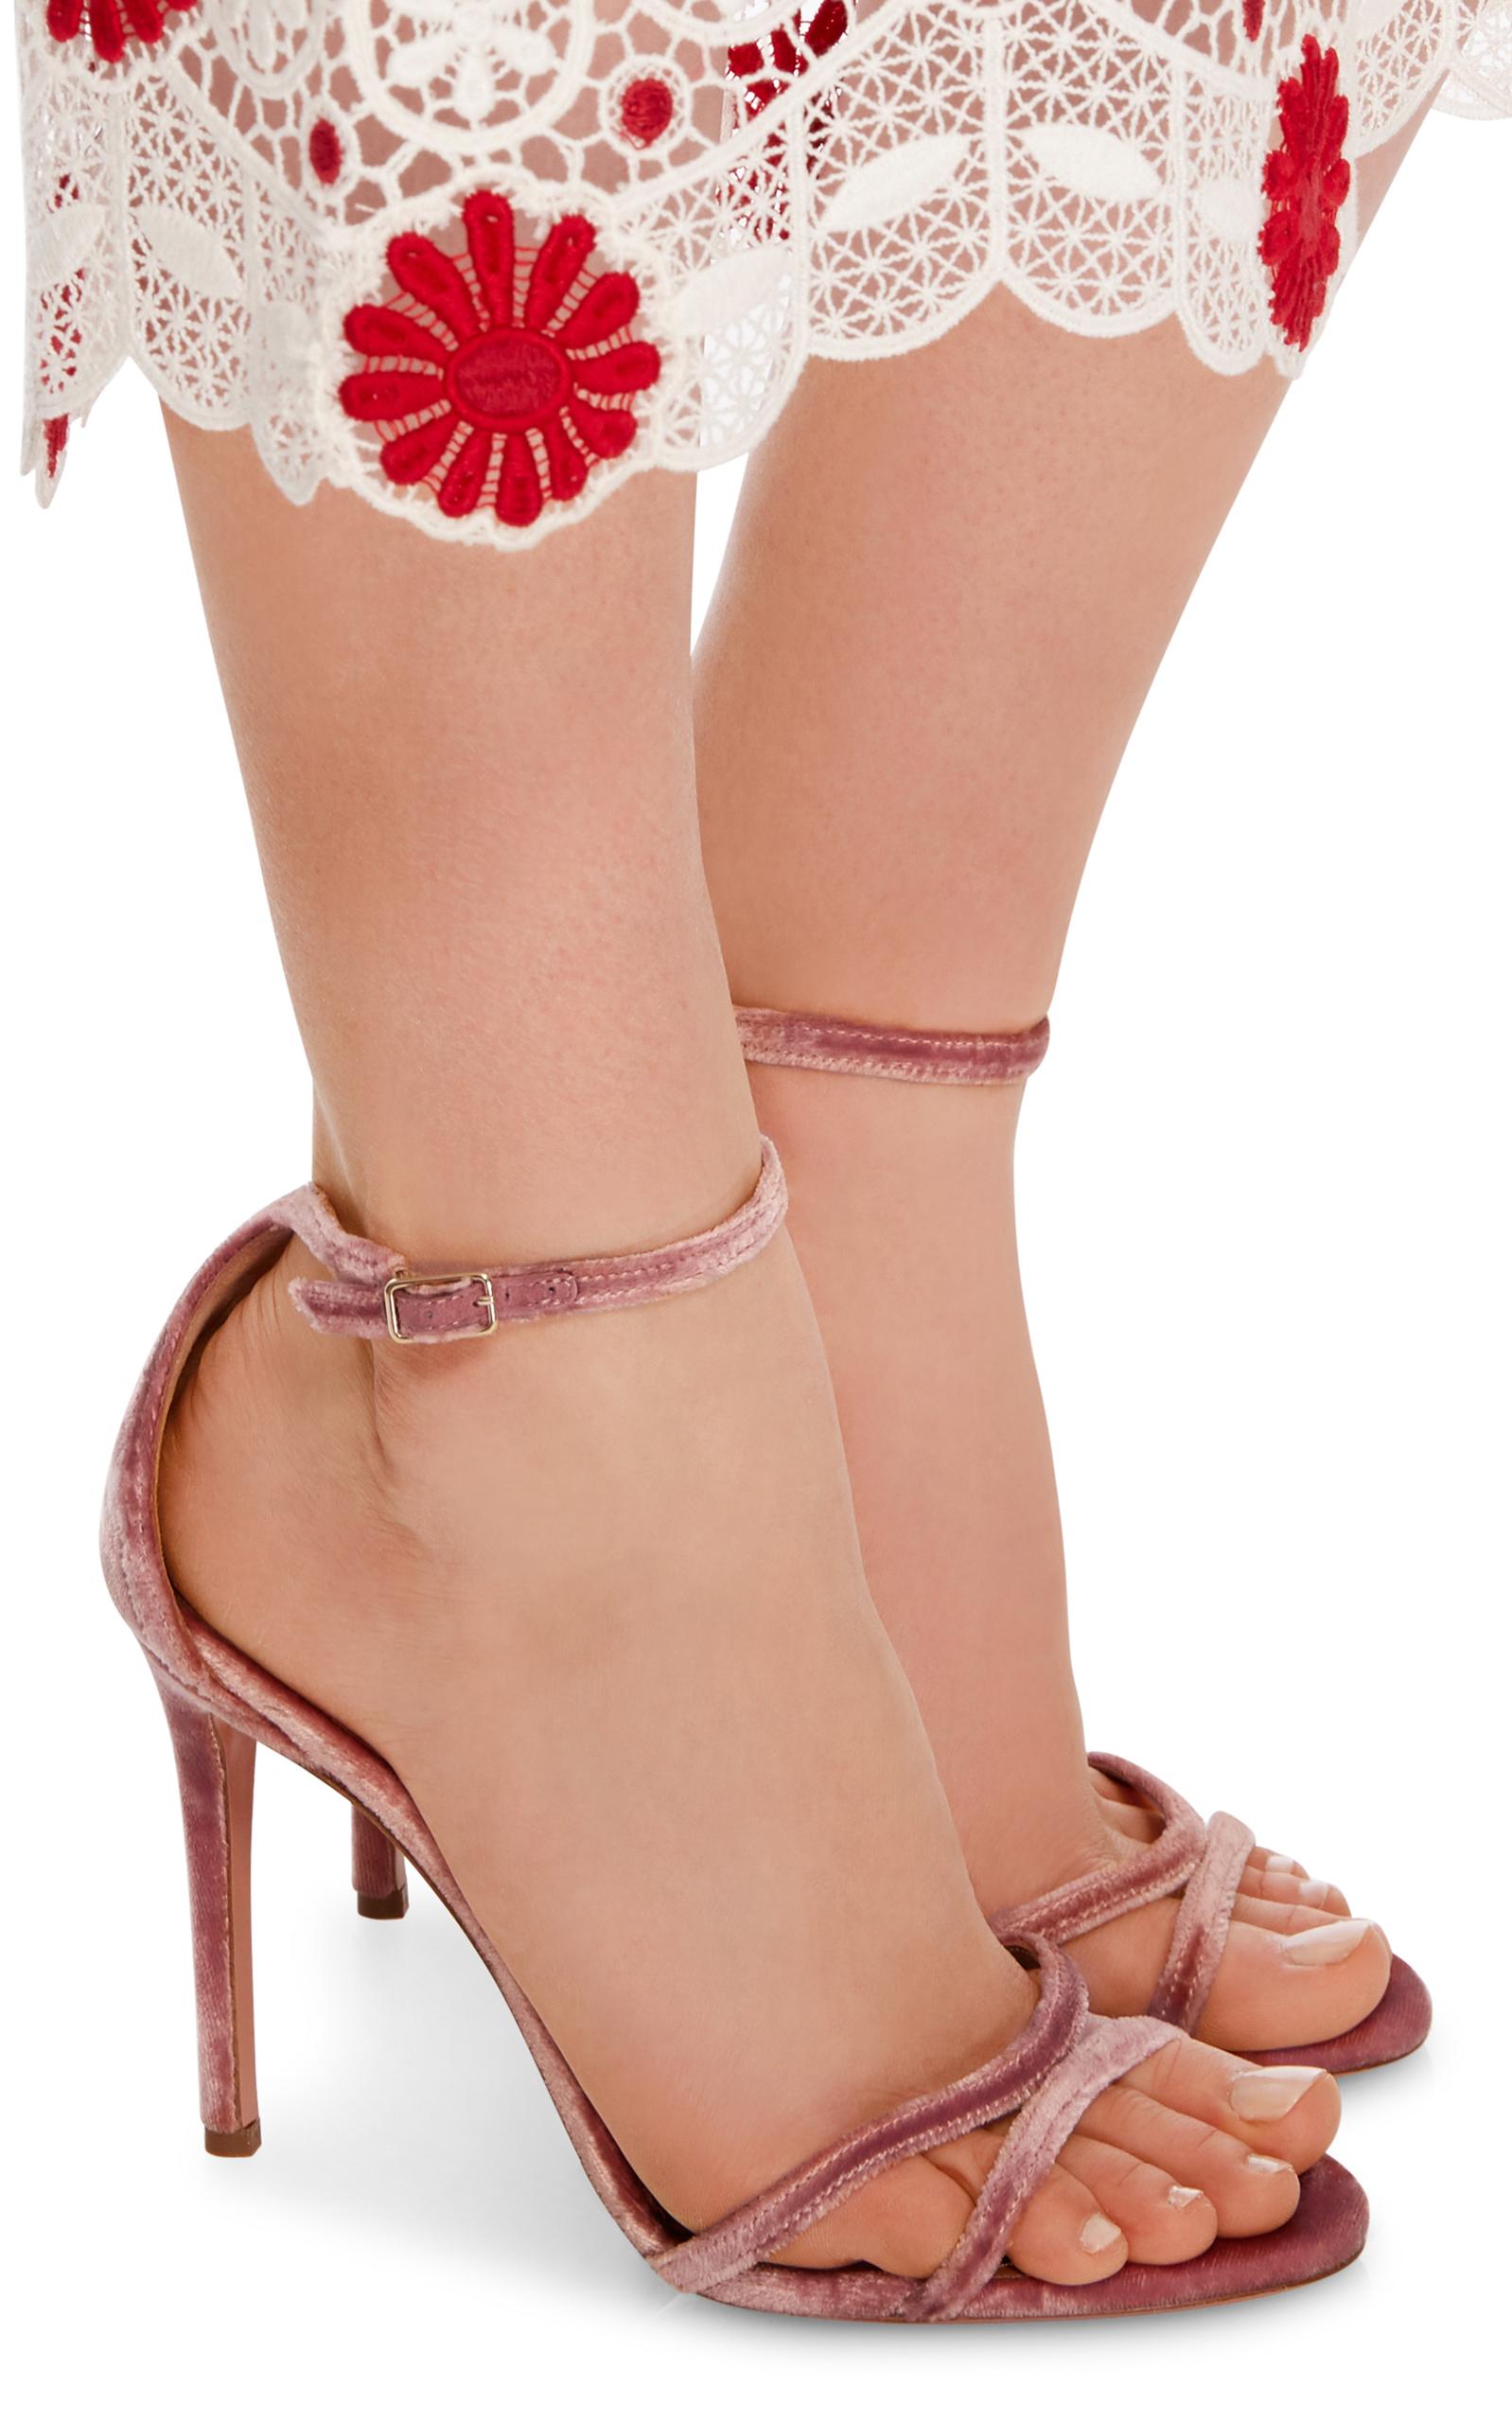 Very Purist sandals Aquazzura iayrL